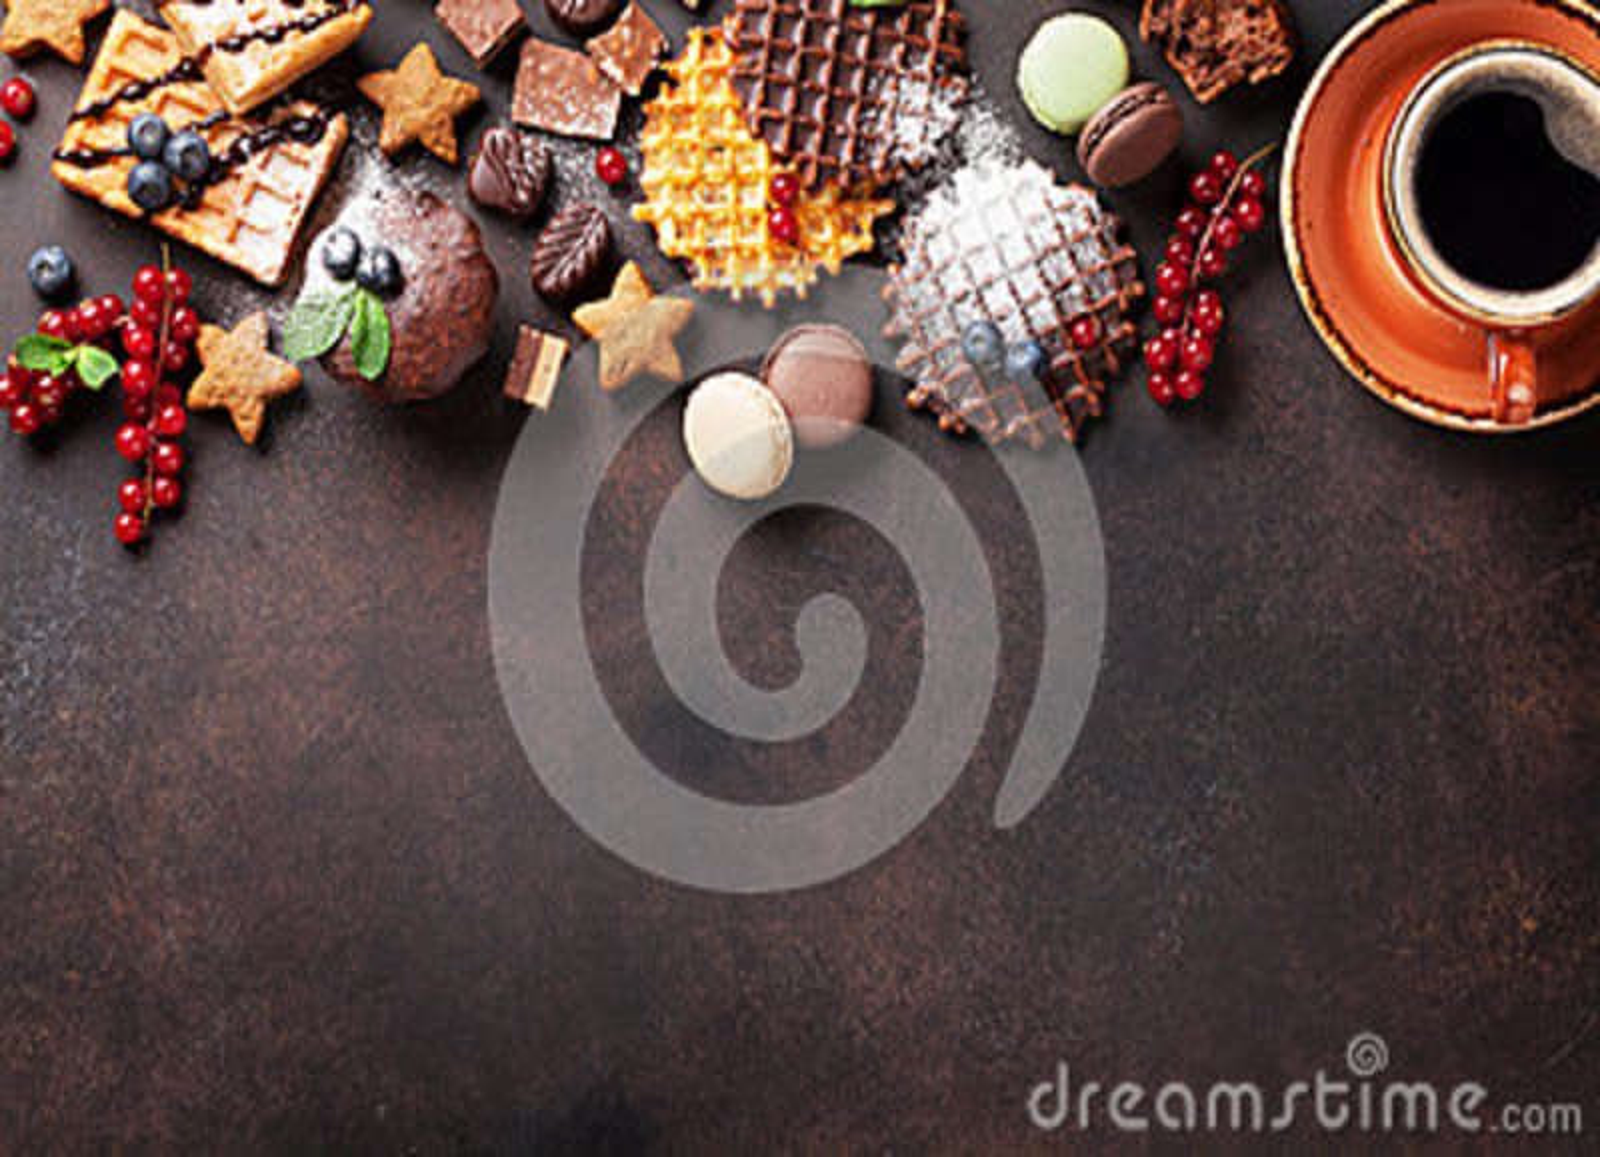 Koffie, snoepjes en wafels met bessen